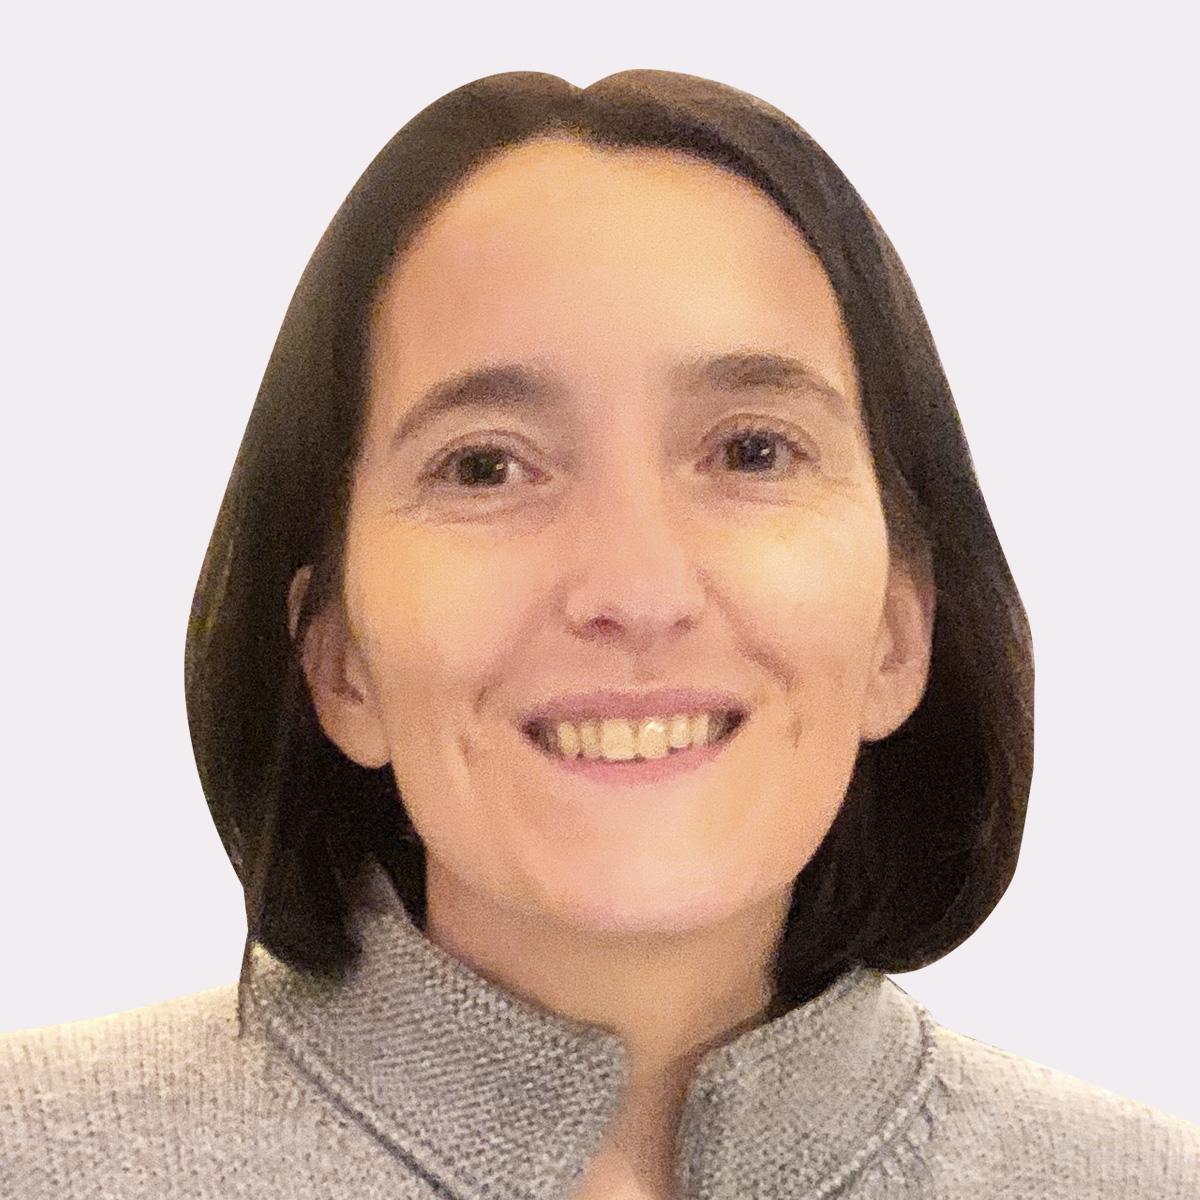 Simona Deiana